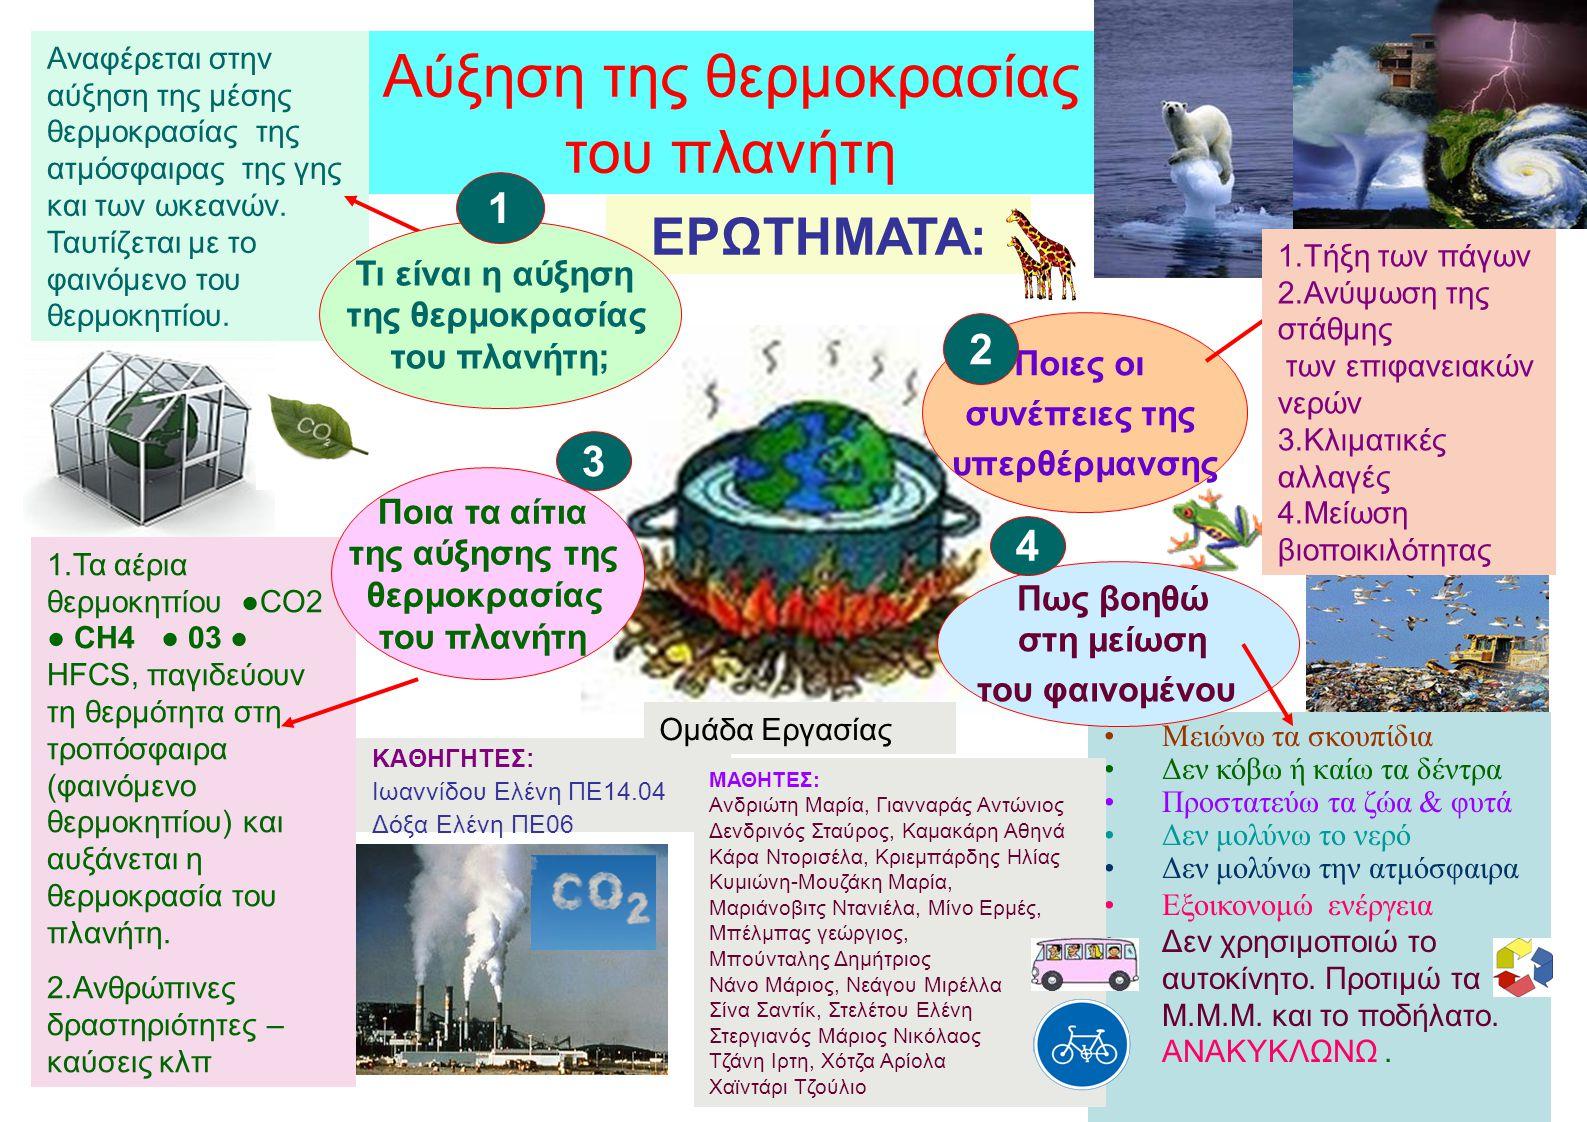 ΕΡΩΤΗΜΑΤΑ: Ποιες οι συνέπειες της υπερθέρμανσης 2 Μειώνω τα σκουπίδια Δεν κόβω ή καίω τα δέντρα Προστατεύω τα ζώα & φυτά Δεν μολύνω το νερό Δεν μολύνω την ατμόσφαιρα Εξοικονομώ ενέργεια Δεν χρησιμοποιώ το αυτοκίνητο.